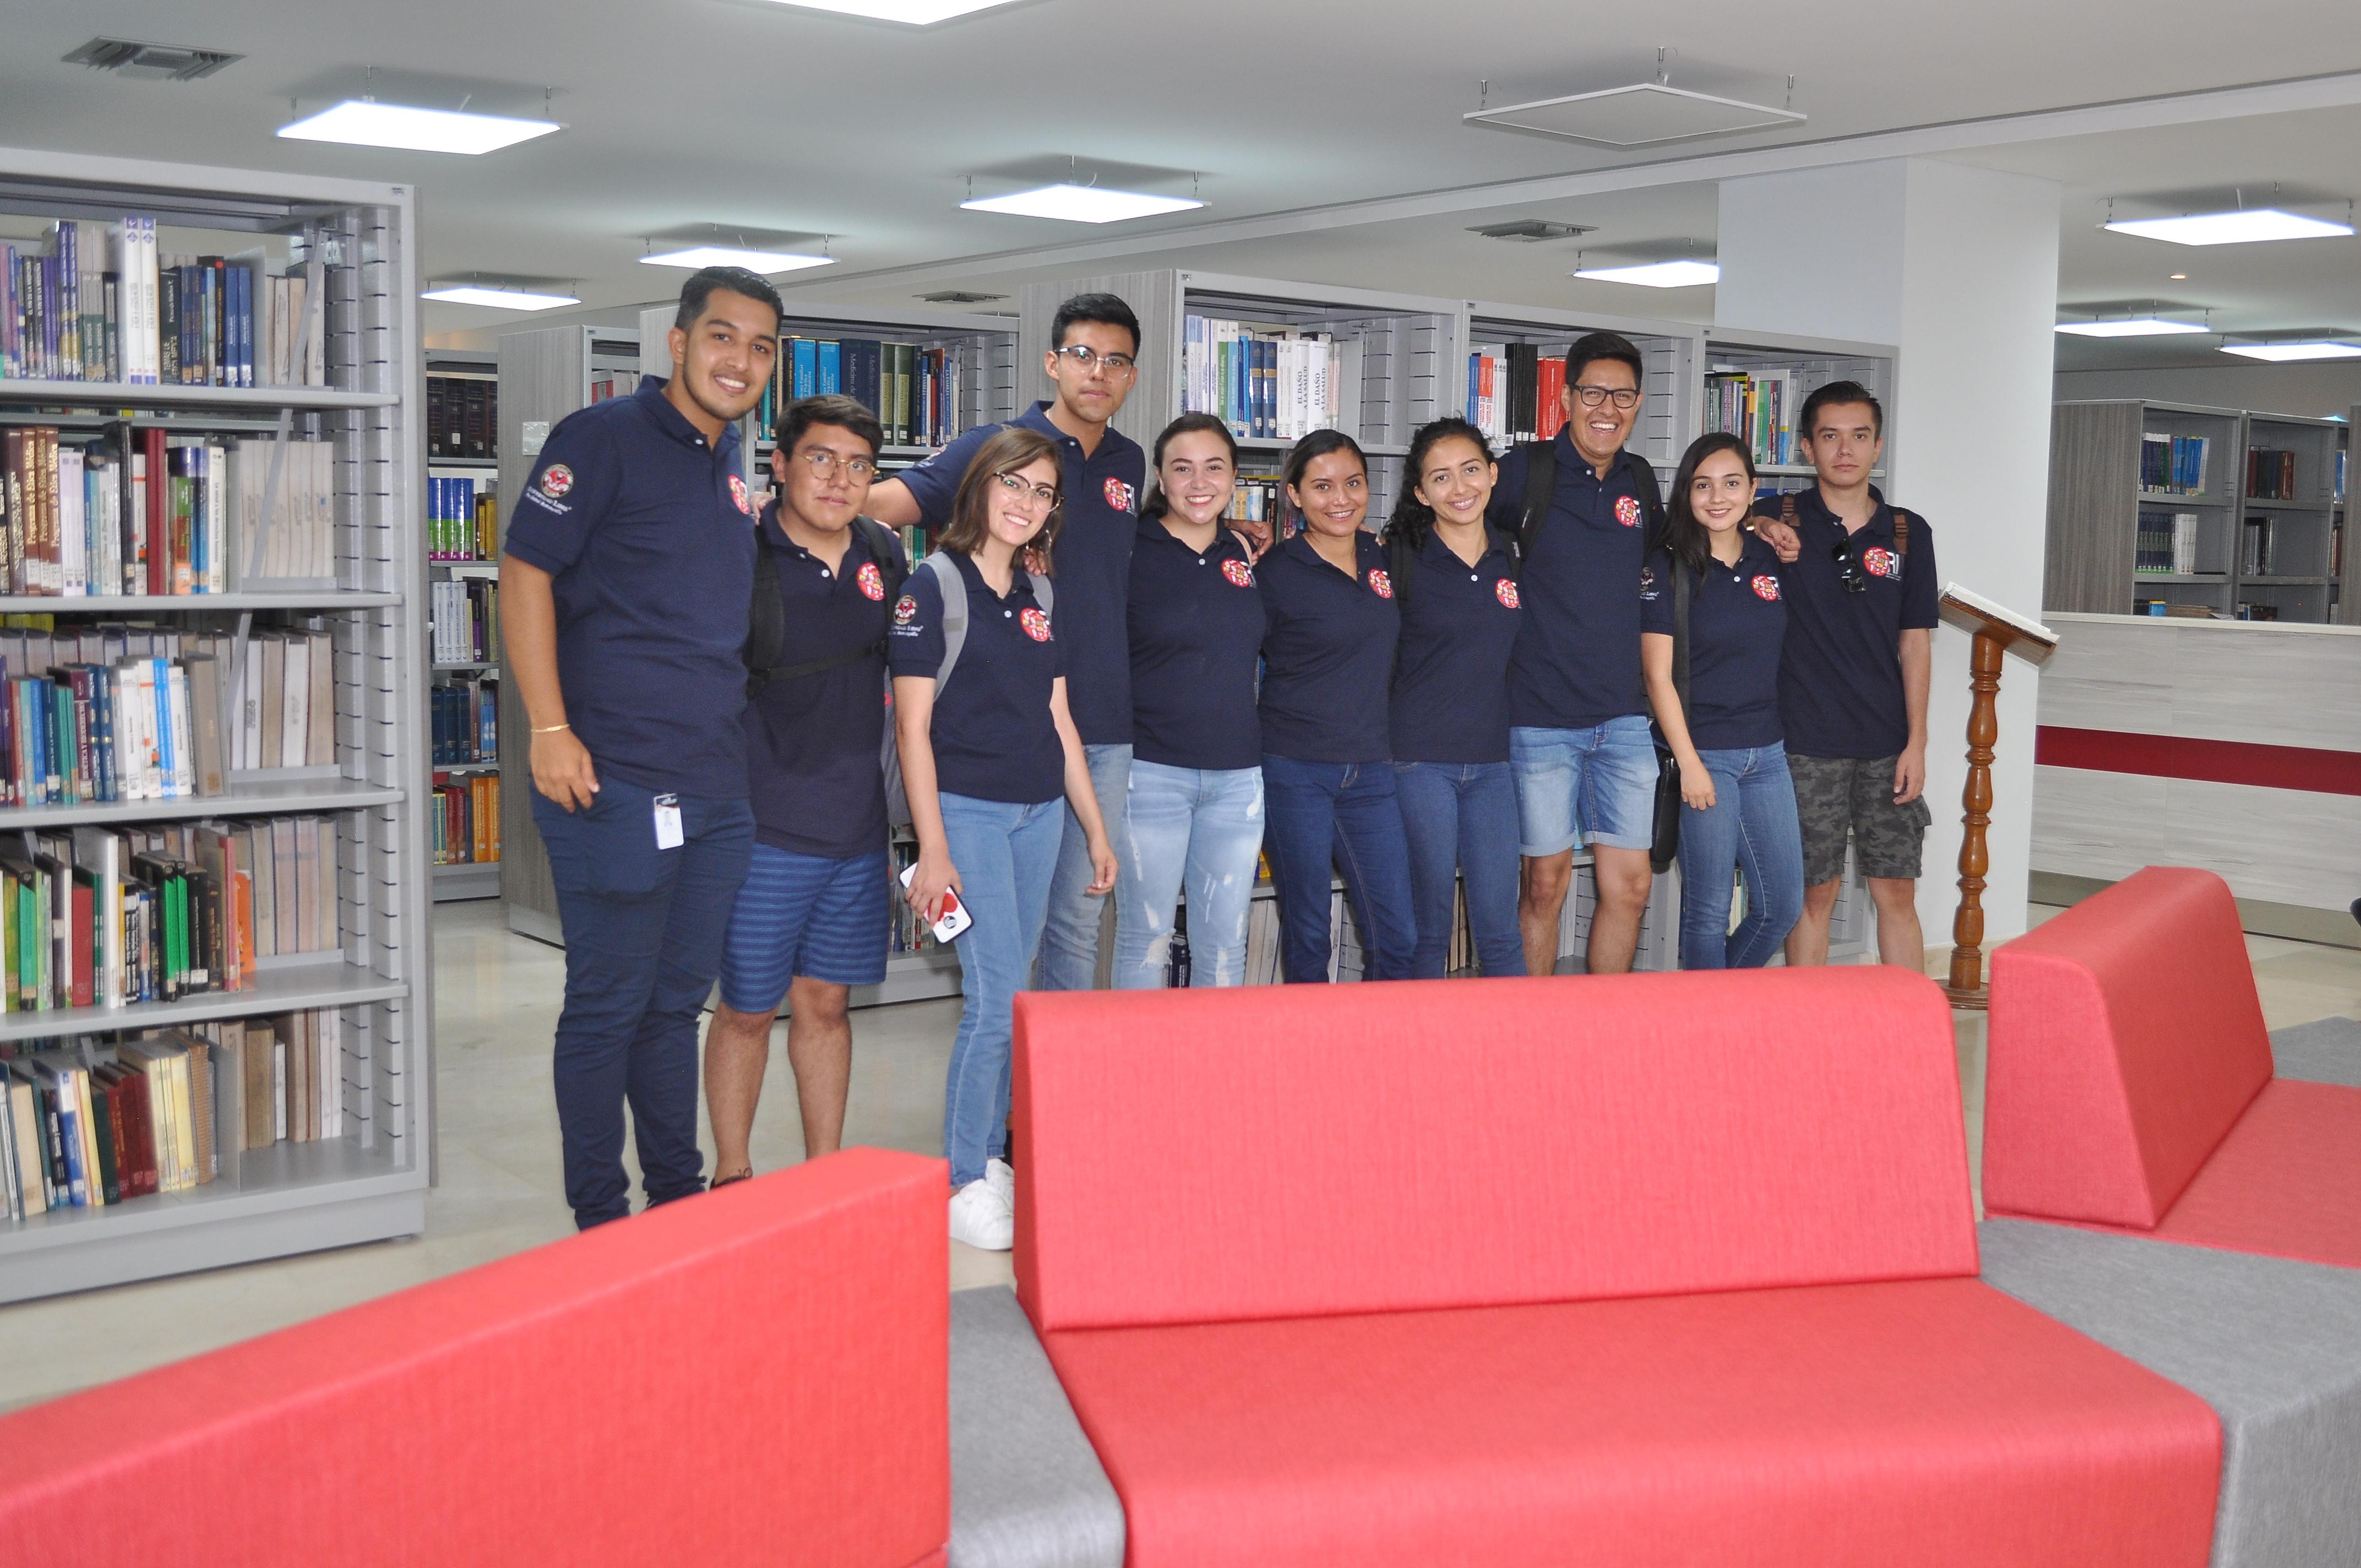 Estudiantes mexicanos del programa DELFIN, junto al coordinador de la Oficina de Relaciones Interinstitucionales – ORI, Carlos Díaz Pineda.